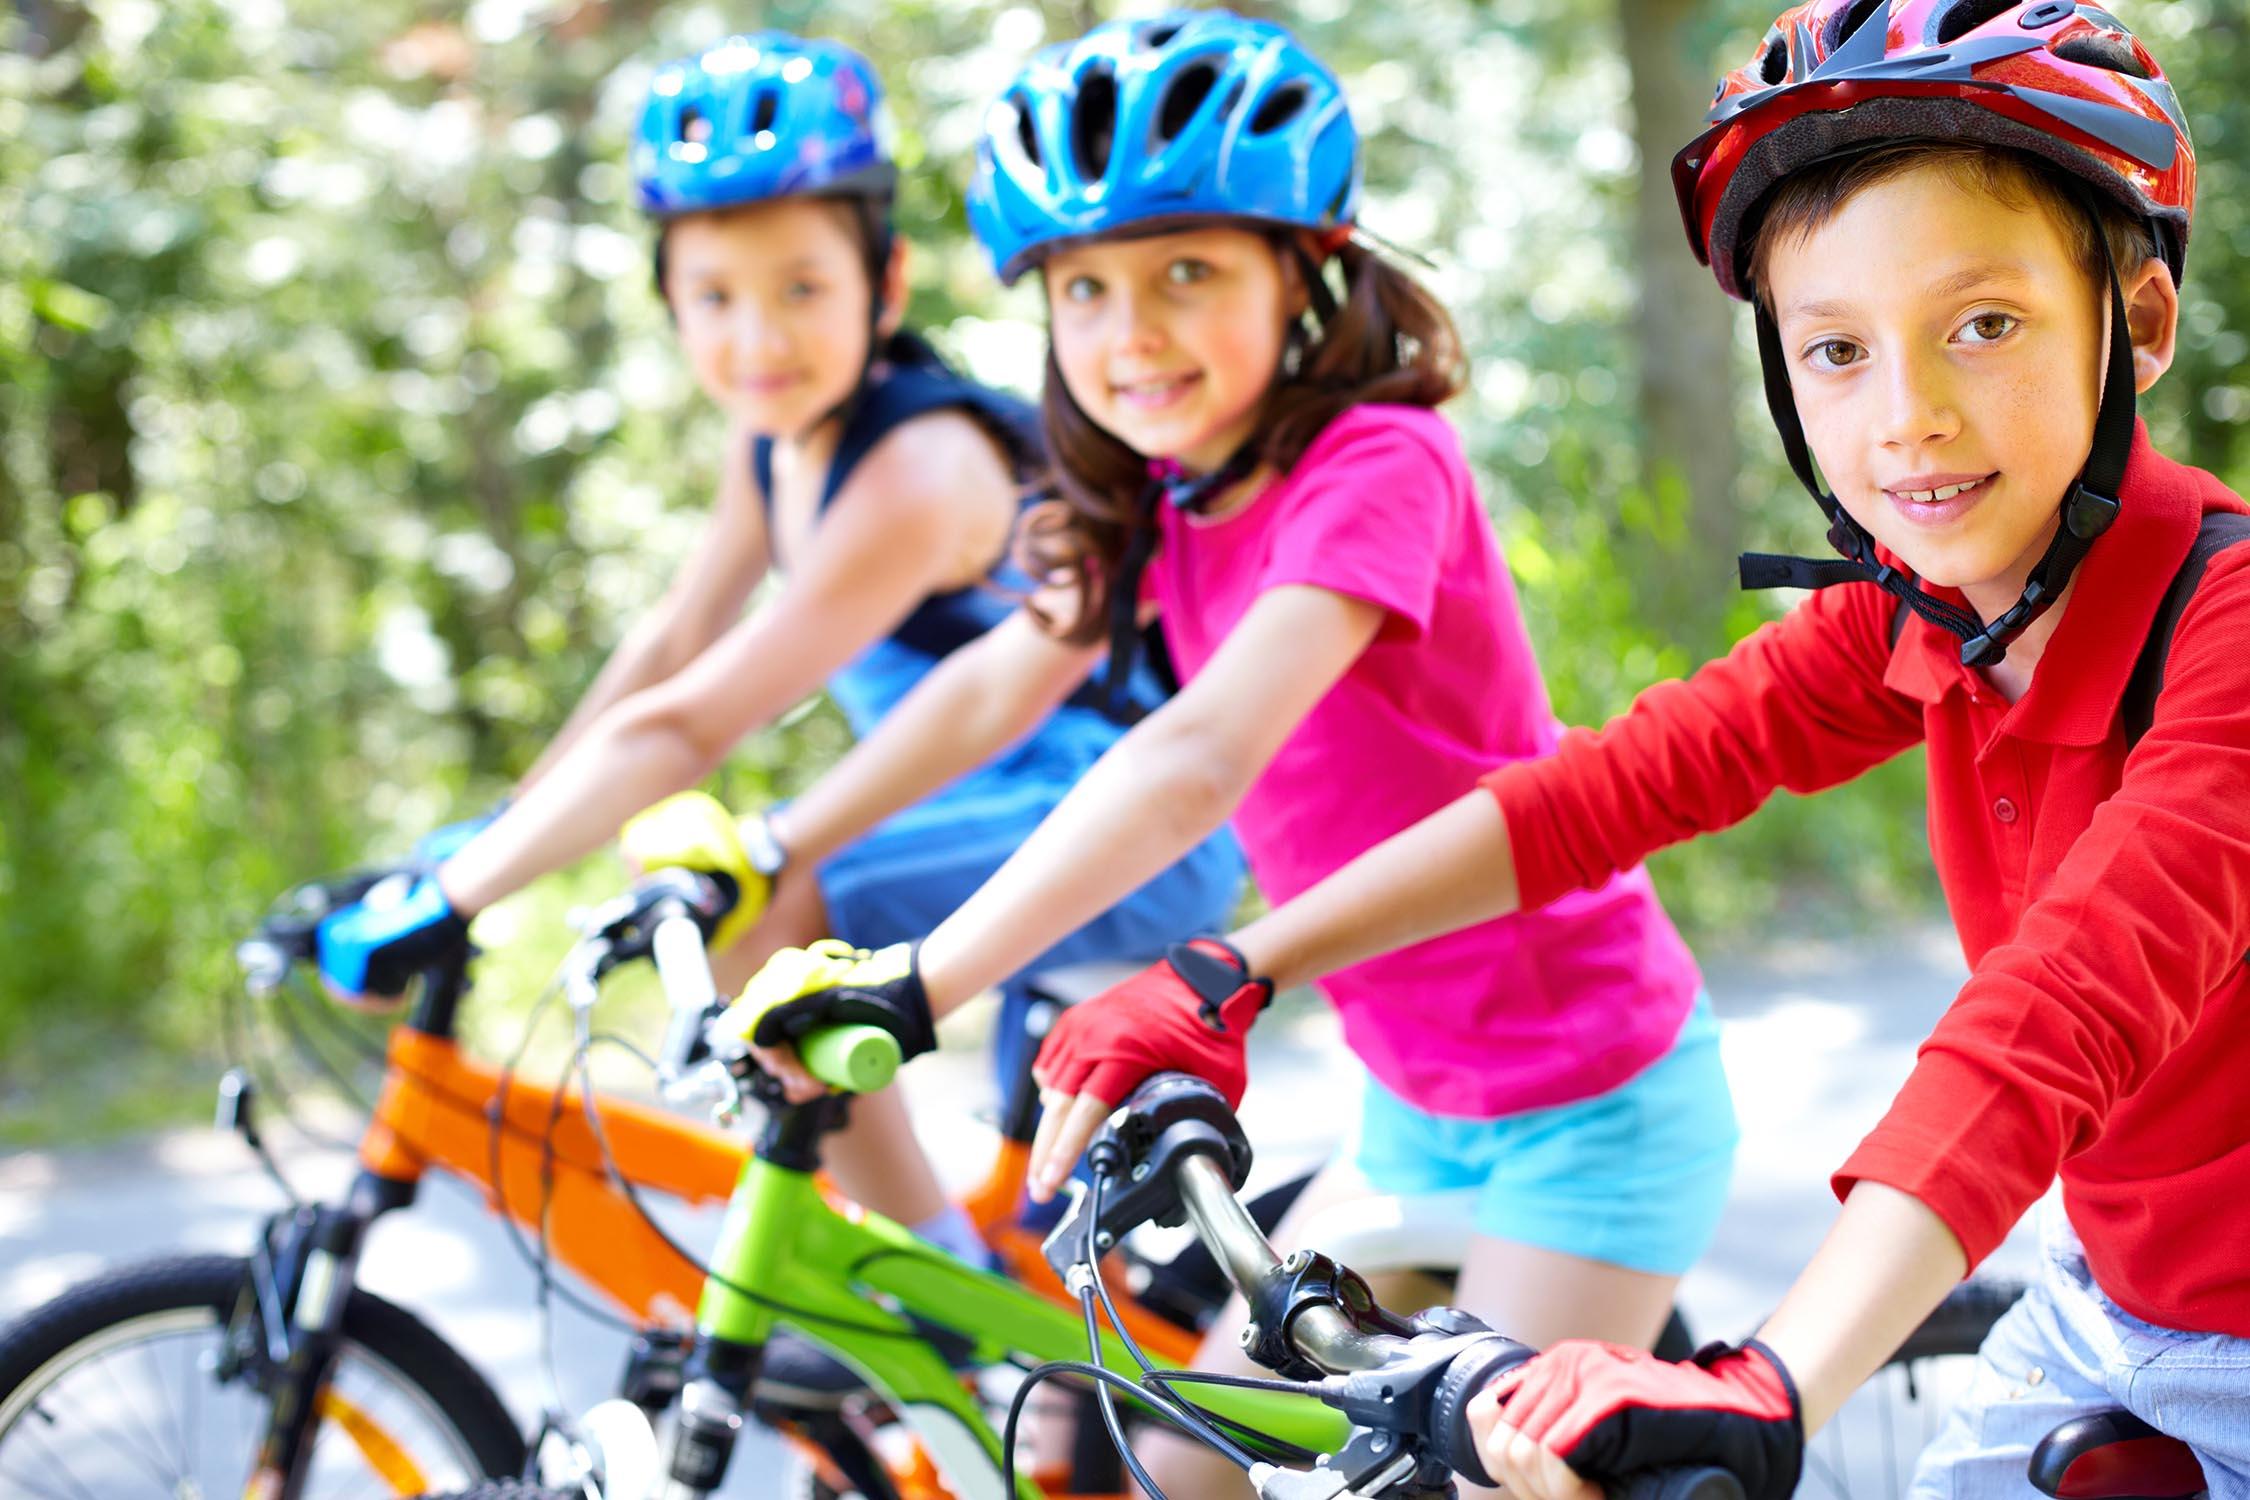 Groupe d'enfants pendant leur activité de cyclisme